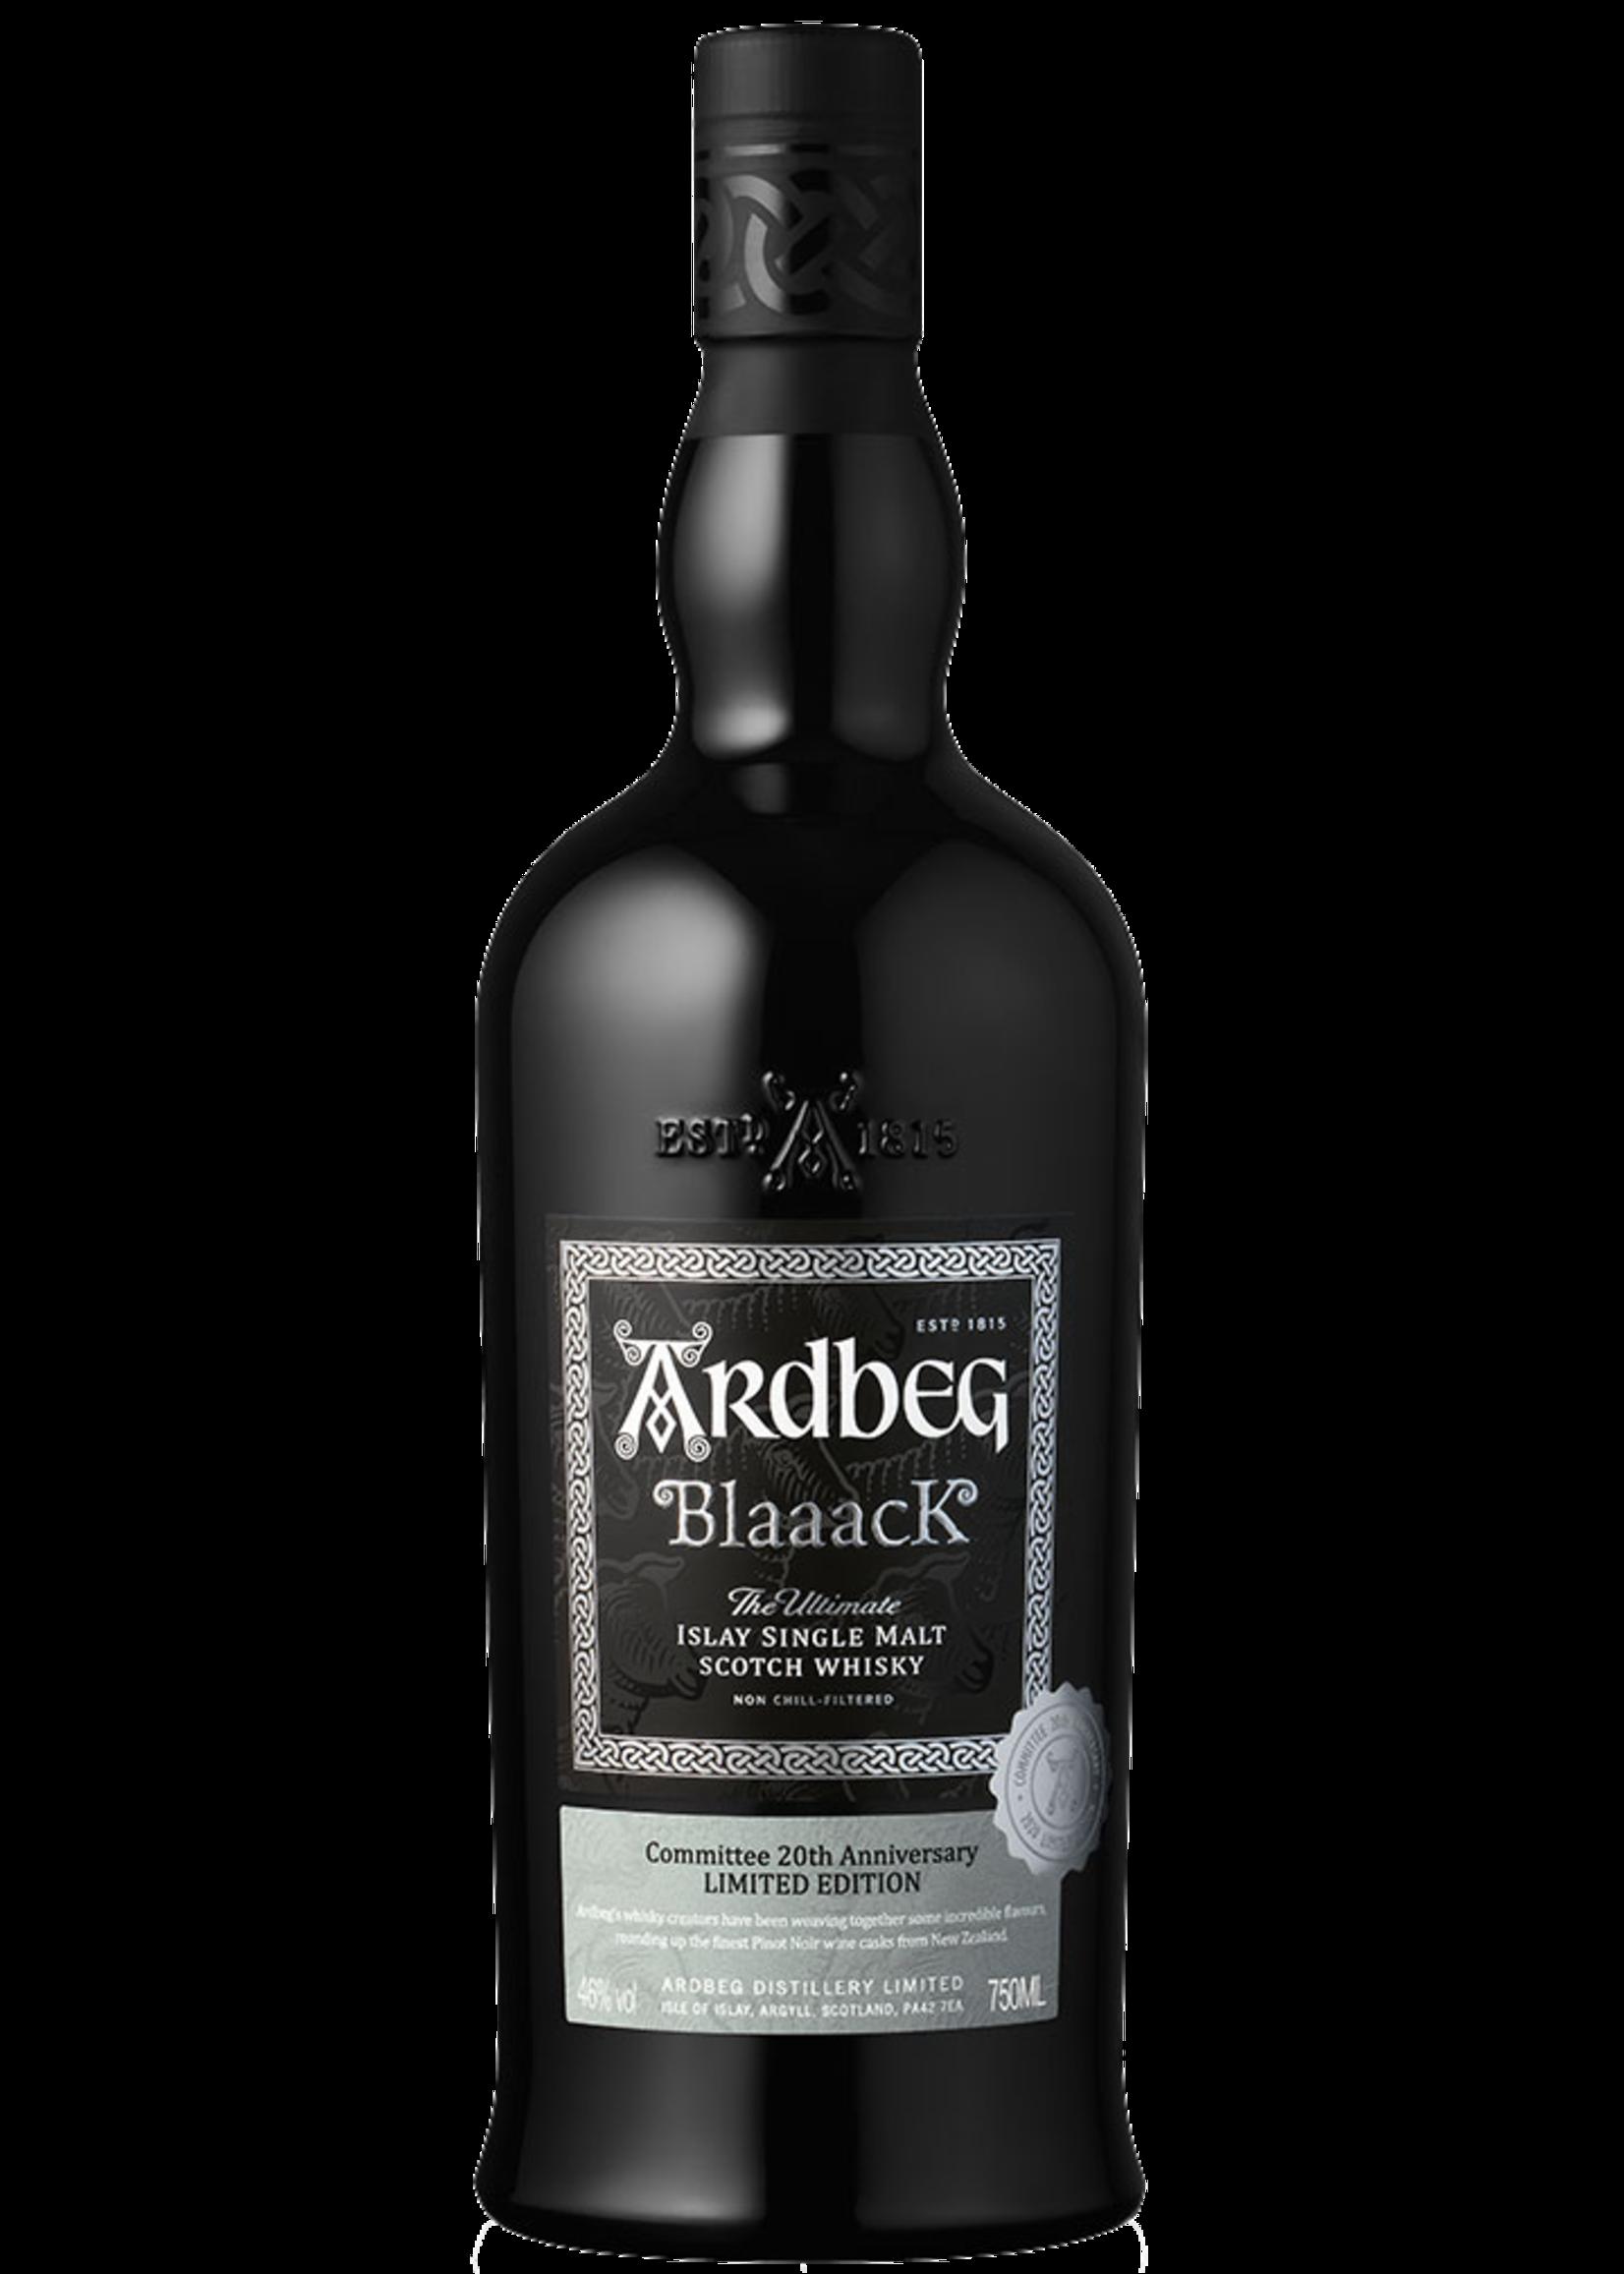 ARDBEG Ardbeg / Blaaack 92Pf / 750mL / 1 per person